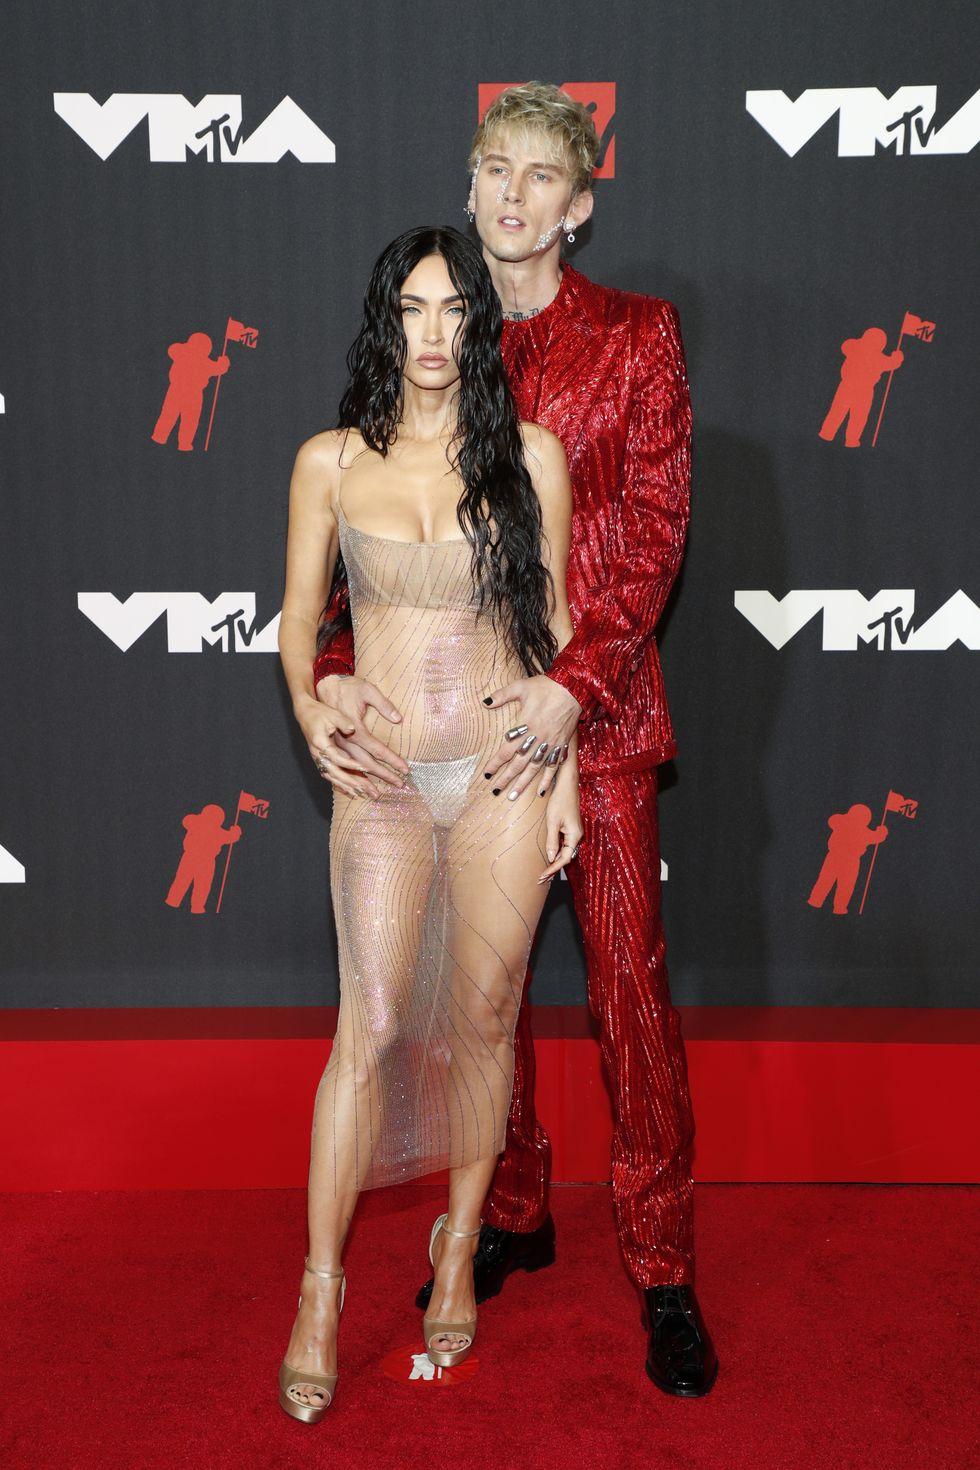 MTV VMAs MGK and Fox